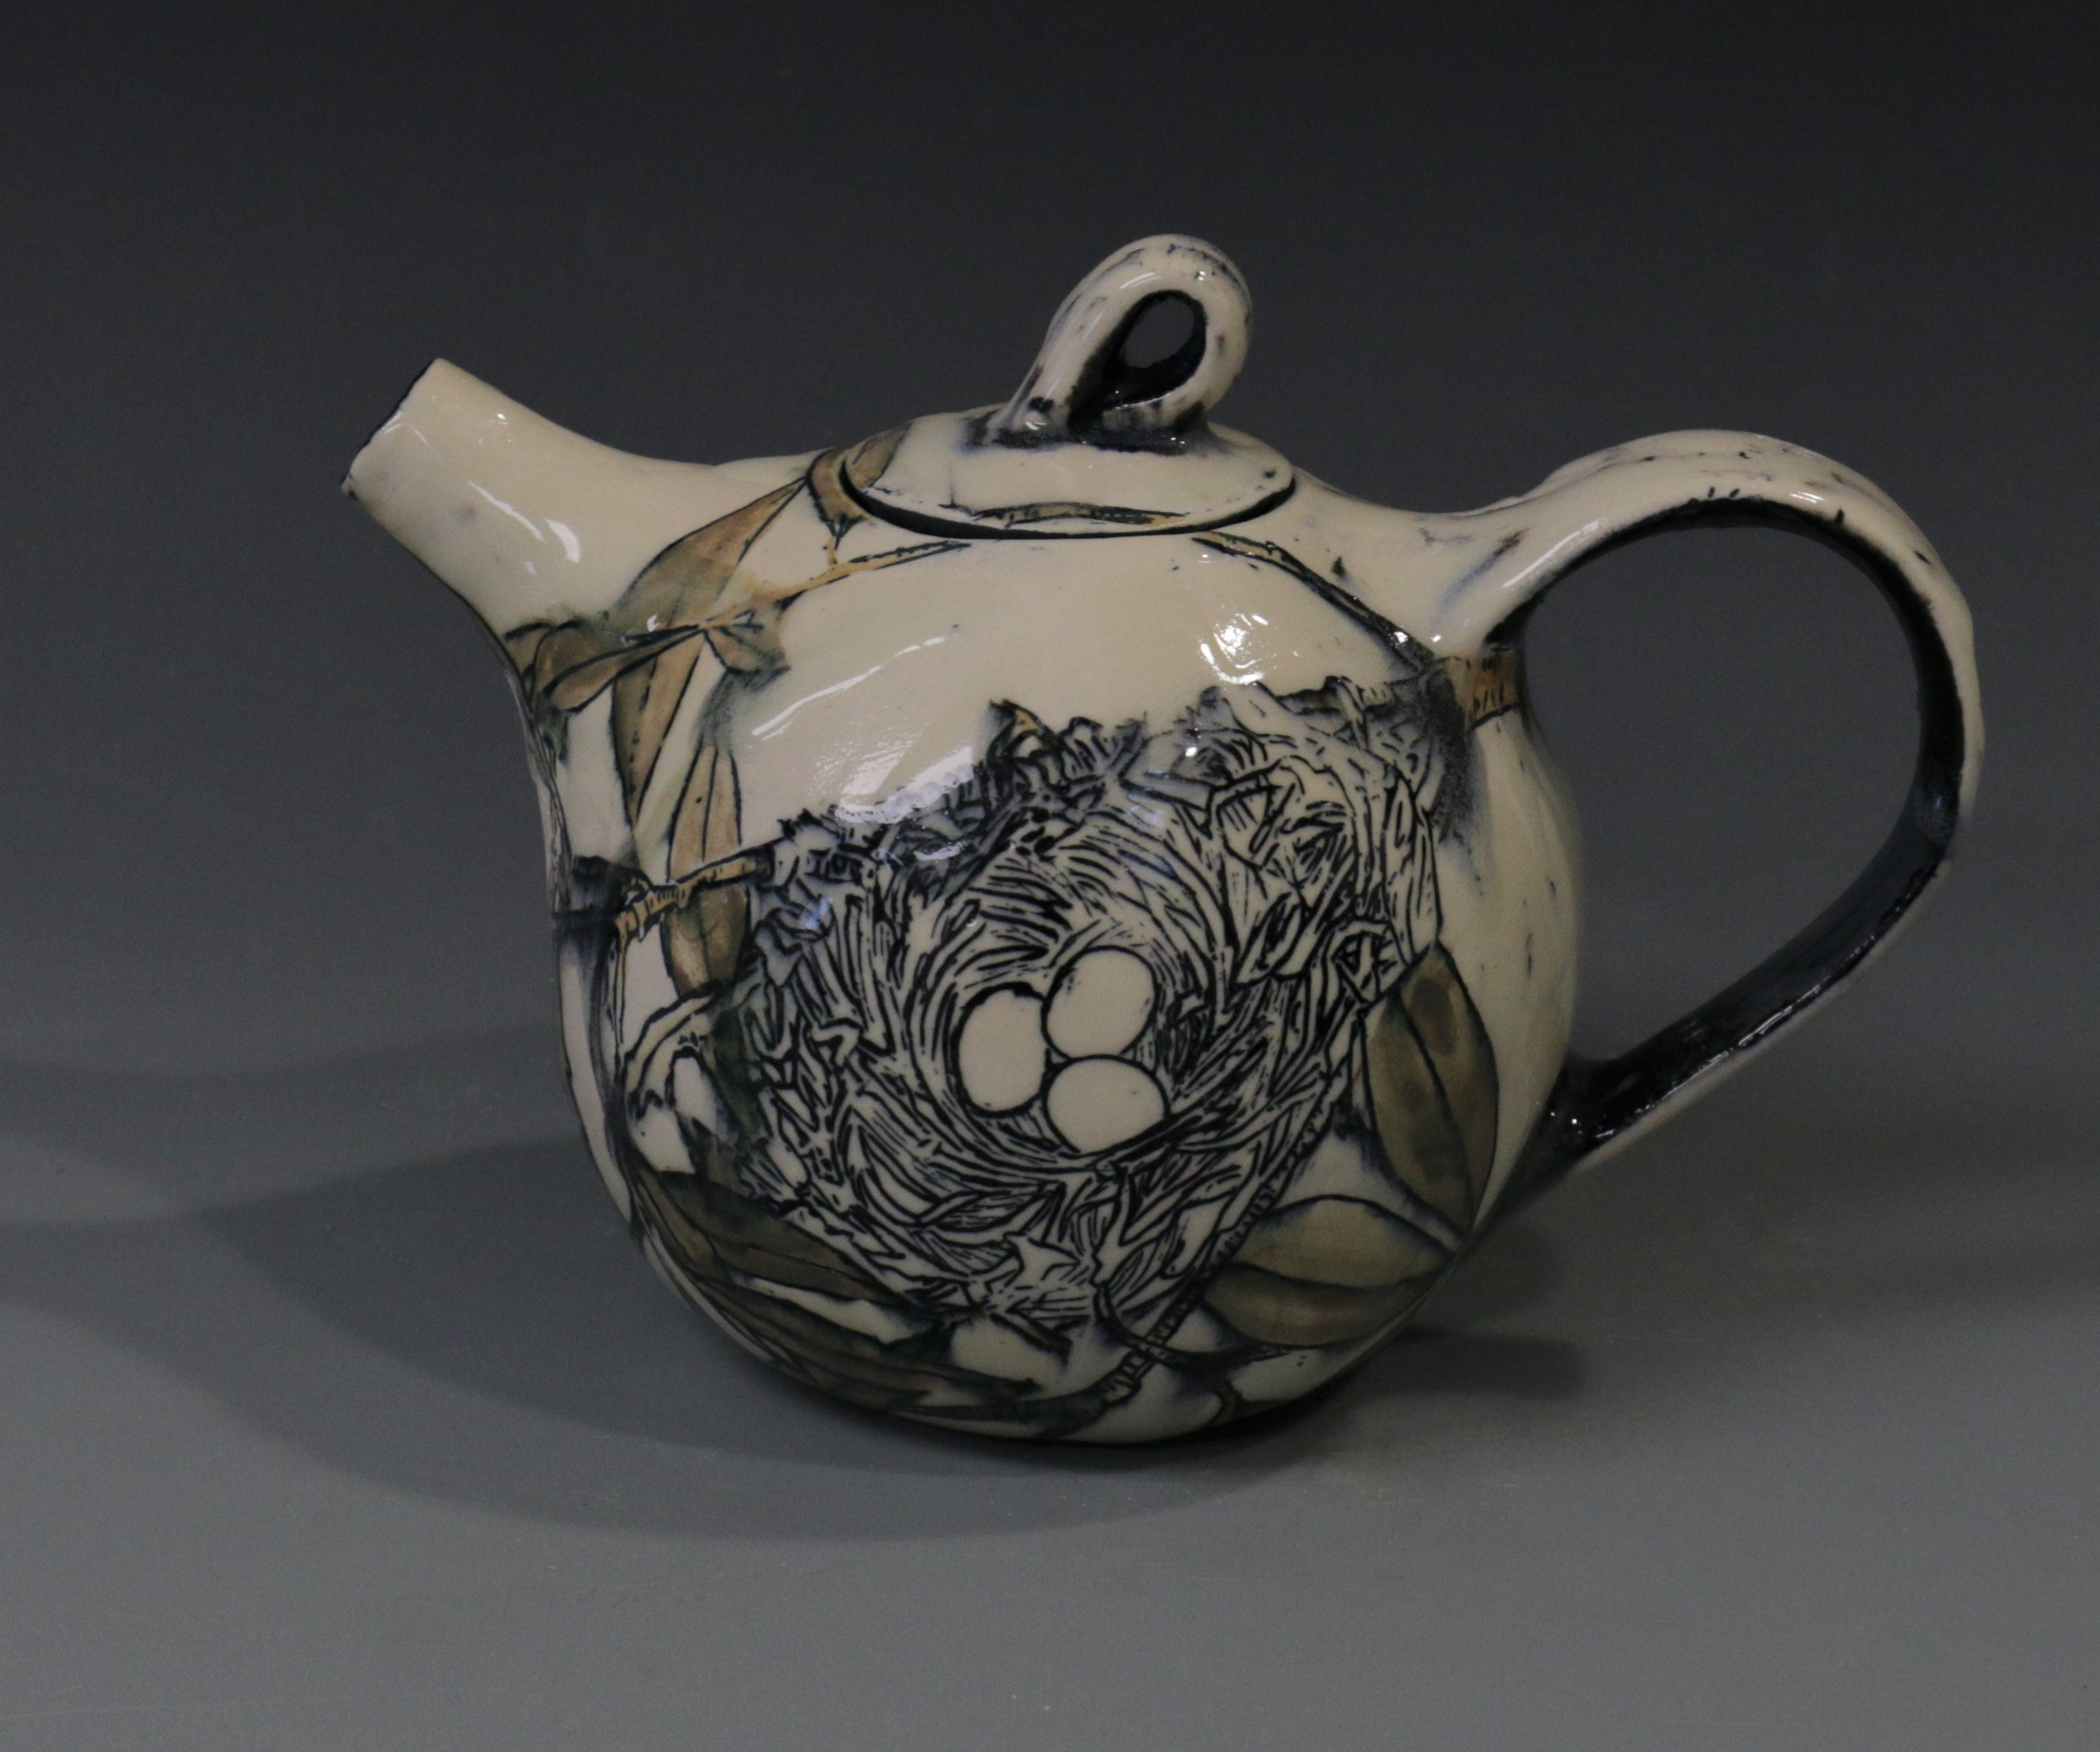 Nest Teapot front